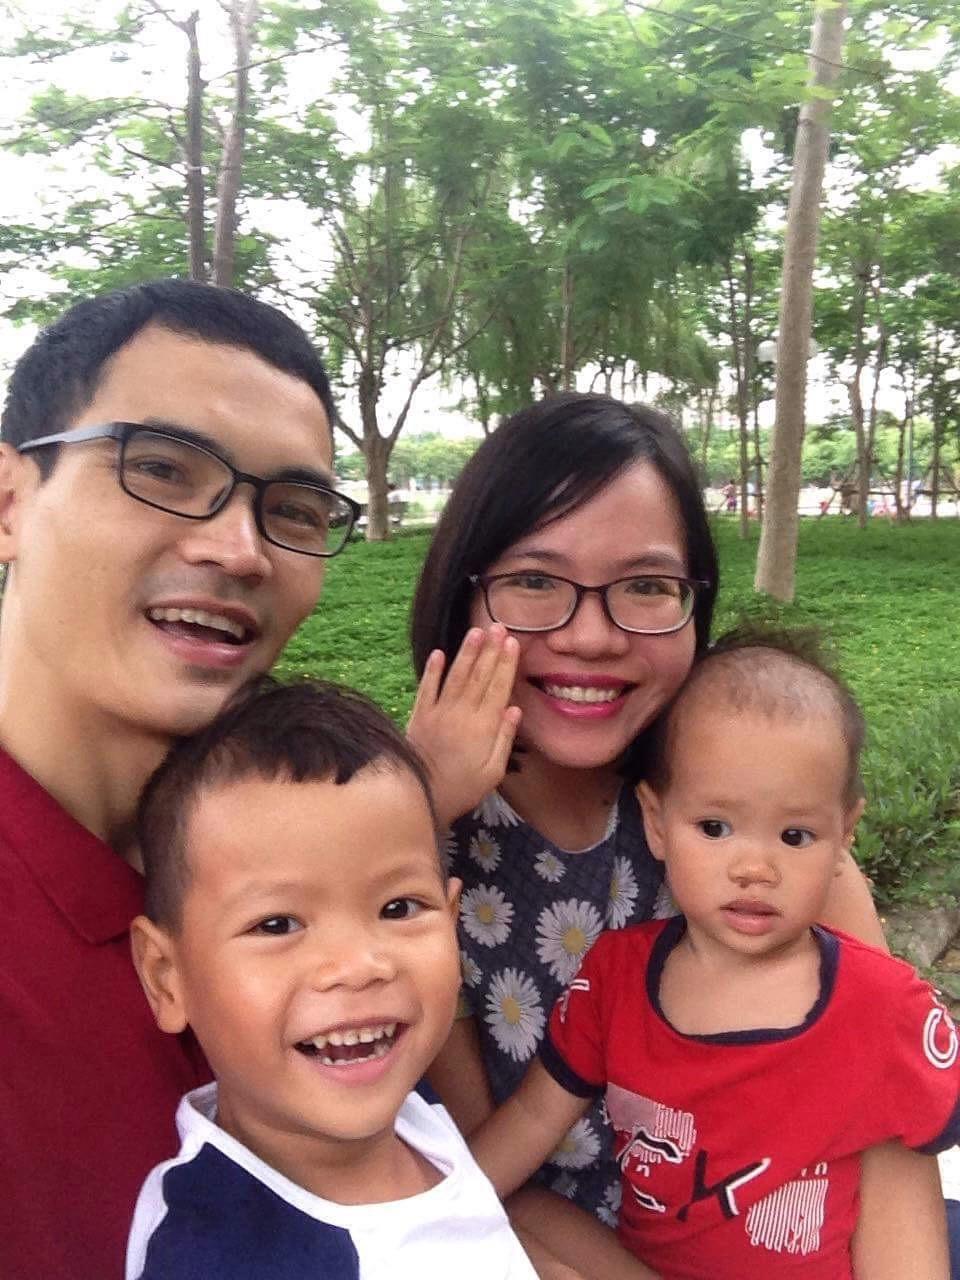 Mẹ Việt chia sẻ bí quyết dành 2 tiếng mỗi ngày cho con bú mẹ trực tiếp để nuôi bú song song hai con 4 tuổi và 20 tháng - Ảnh 1.